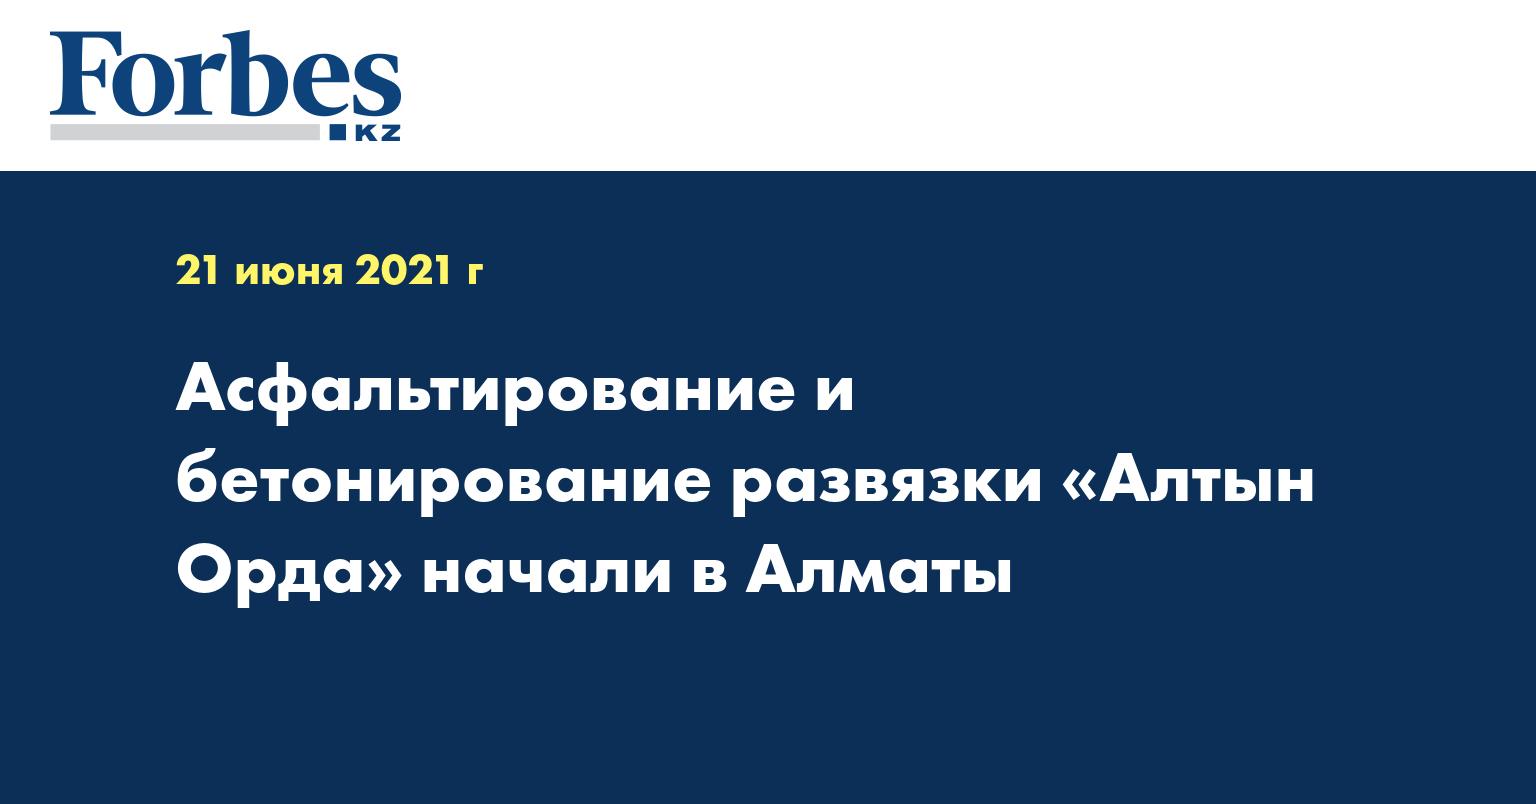 Асфальтирование и бетонирование развязки «Алтын Орда» начали в Алматы